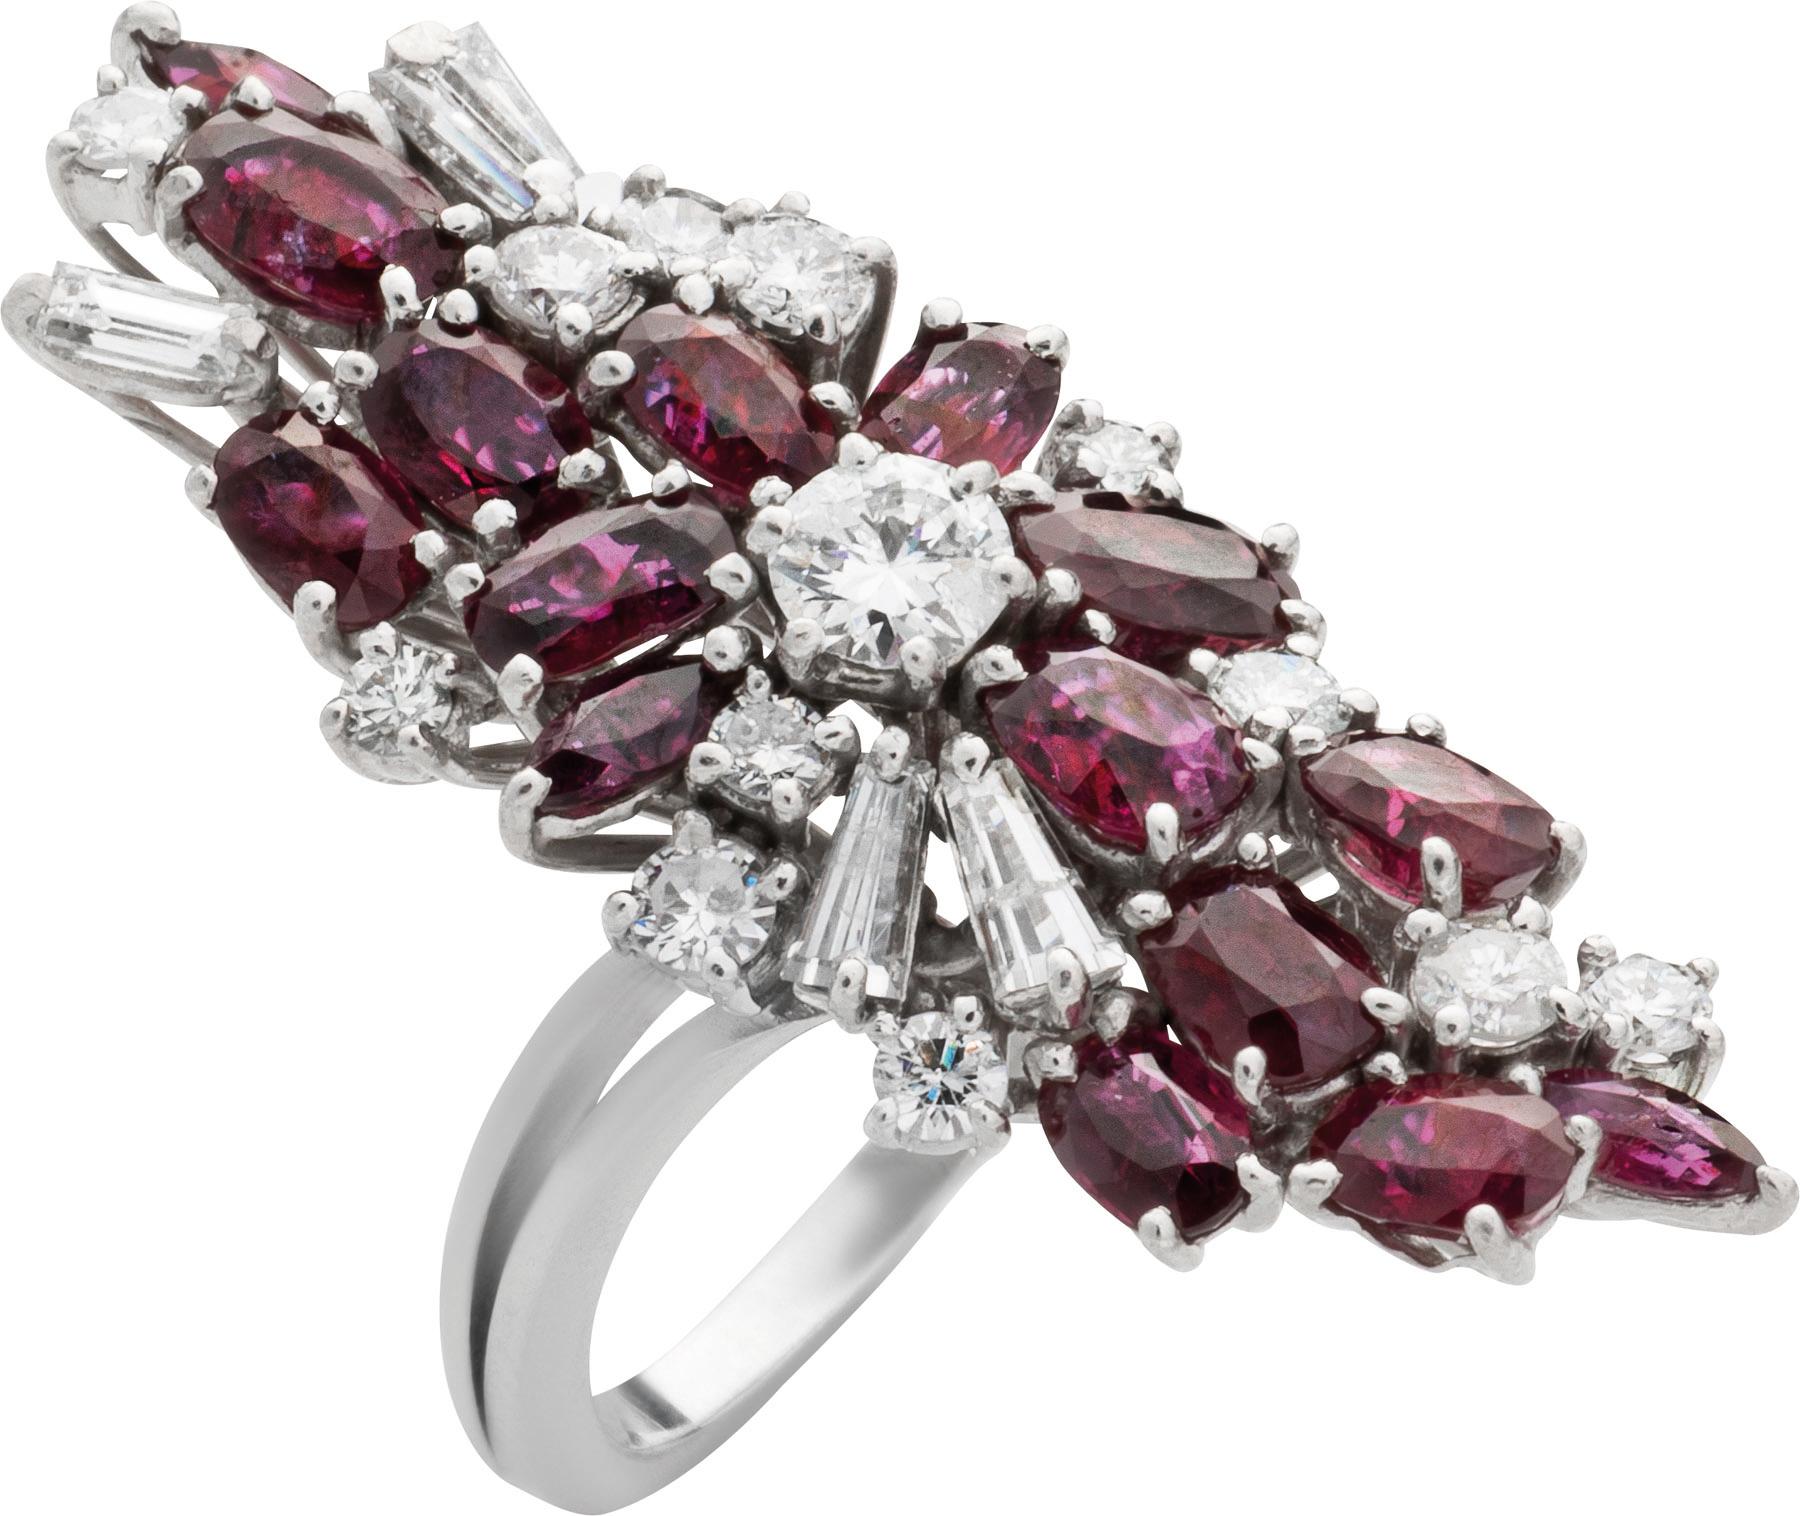 Prächtiger Diamant- und Rubinring